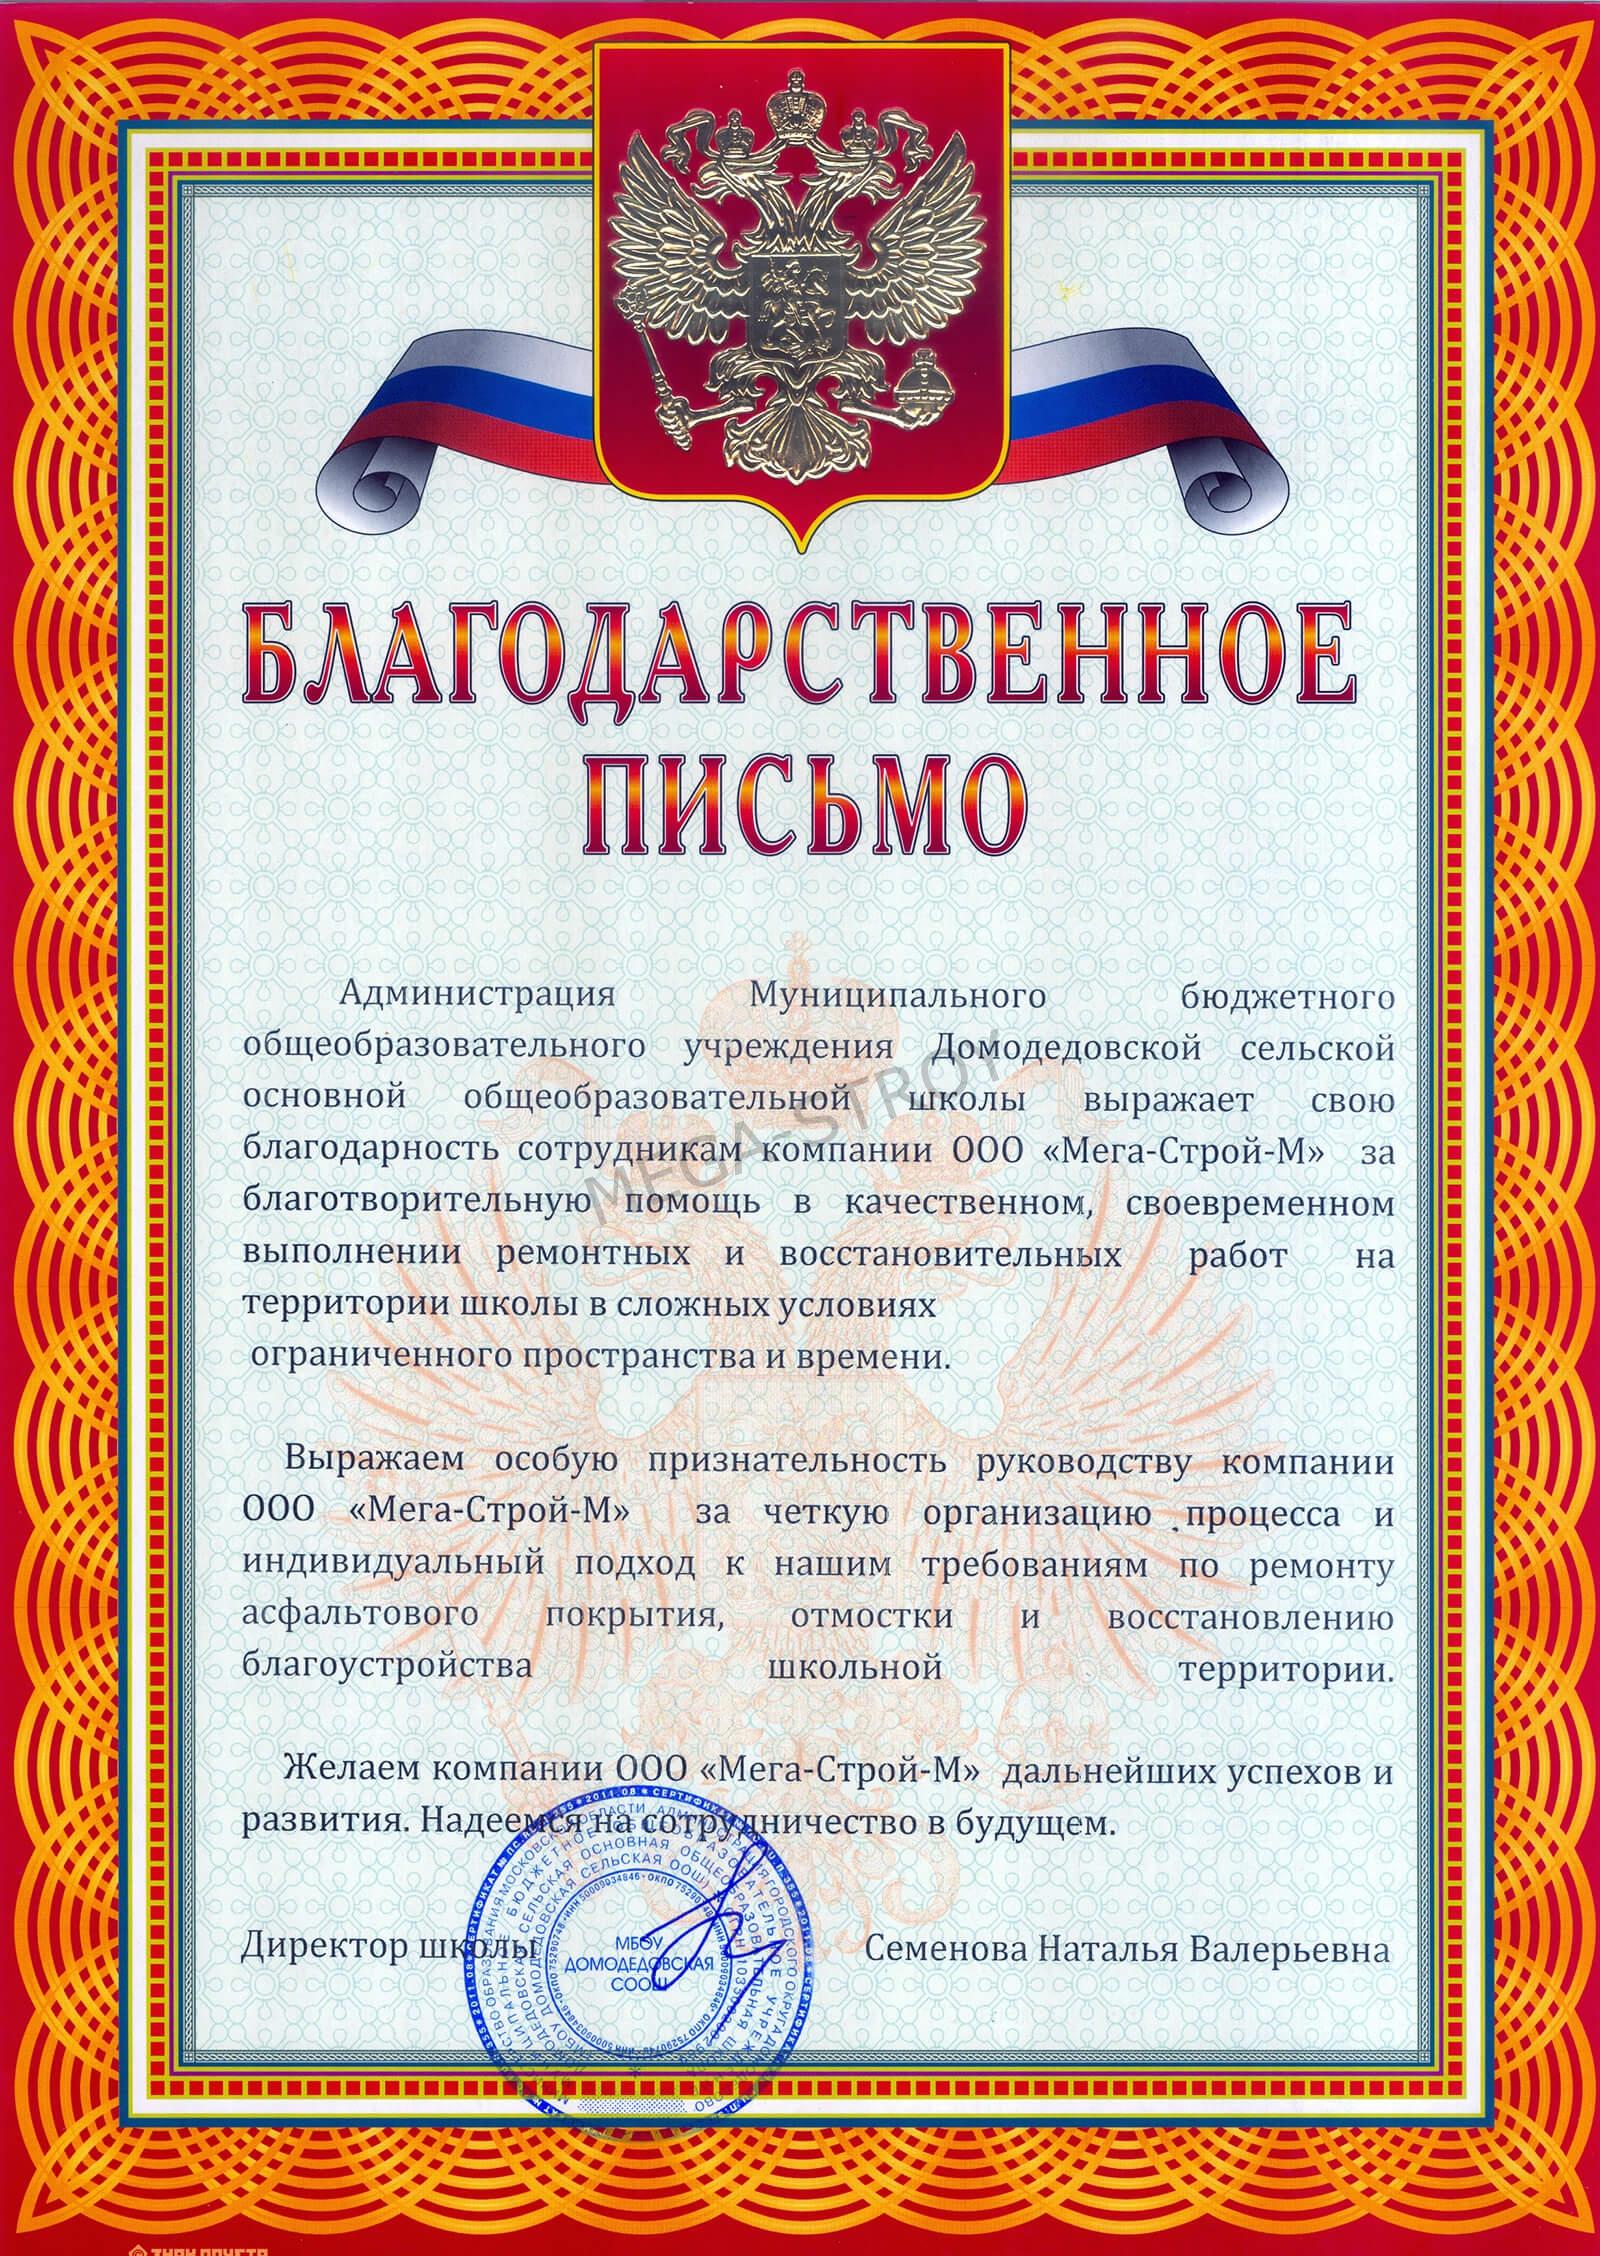 Рекомендательное письмо от Домодедовской сельской школы | МЕГА-СТРОЙ